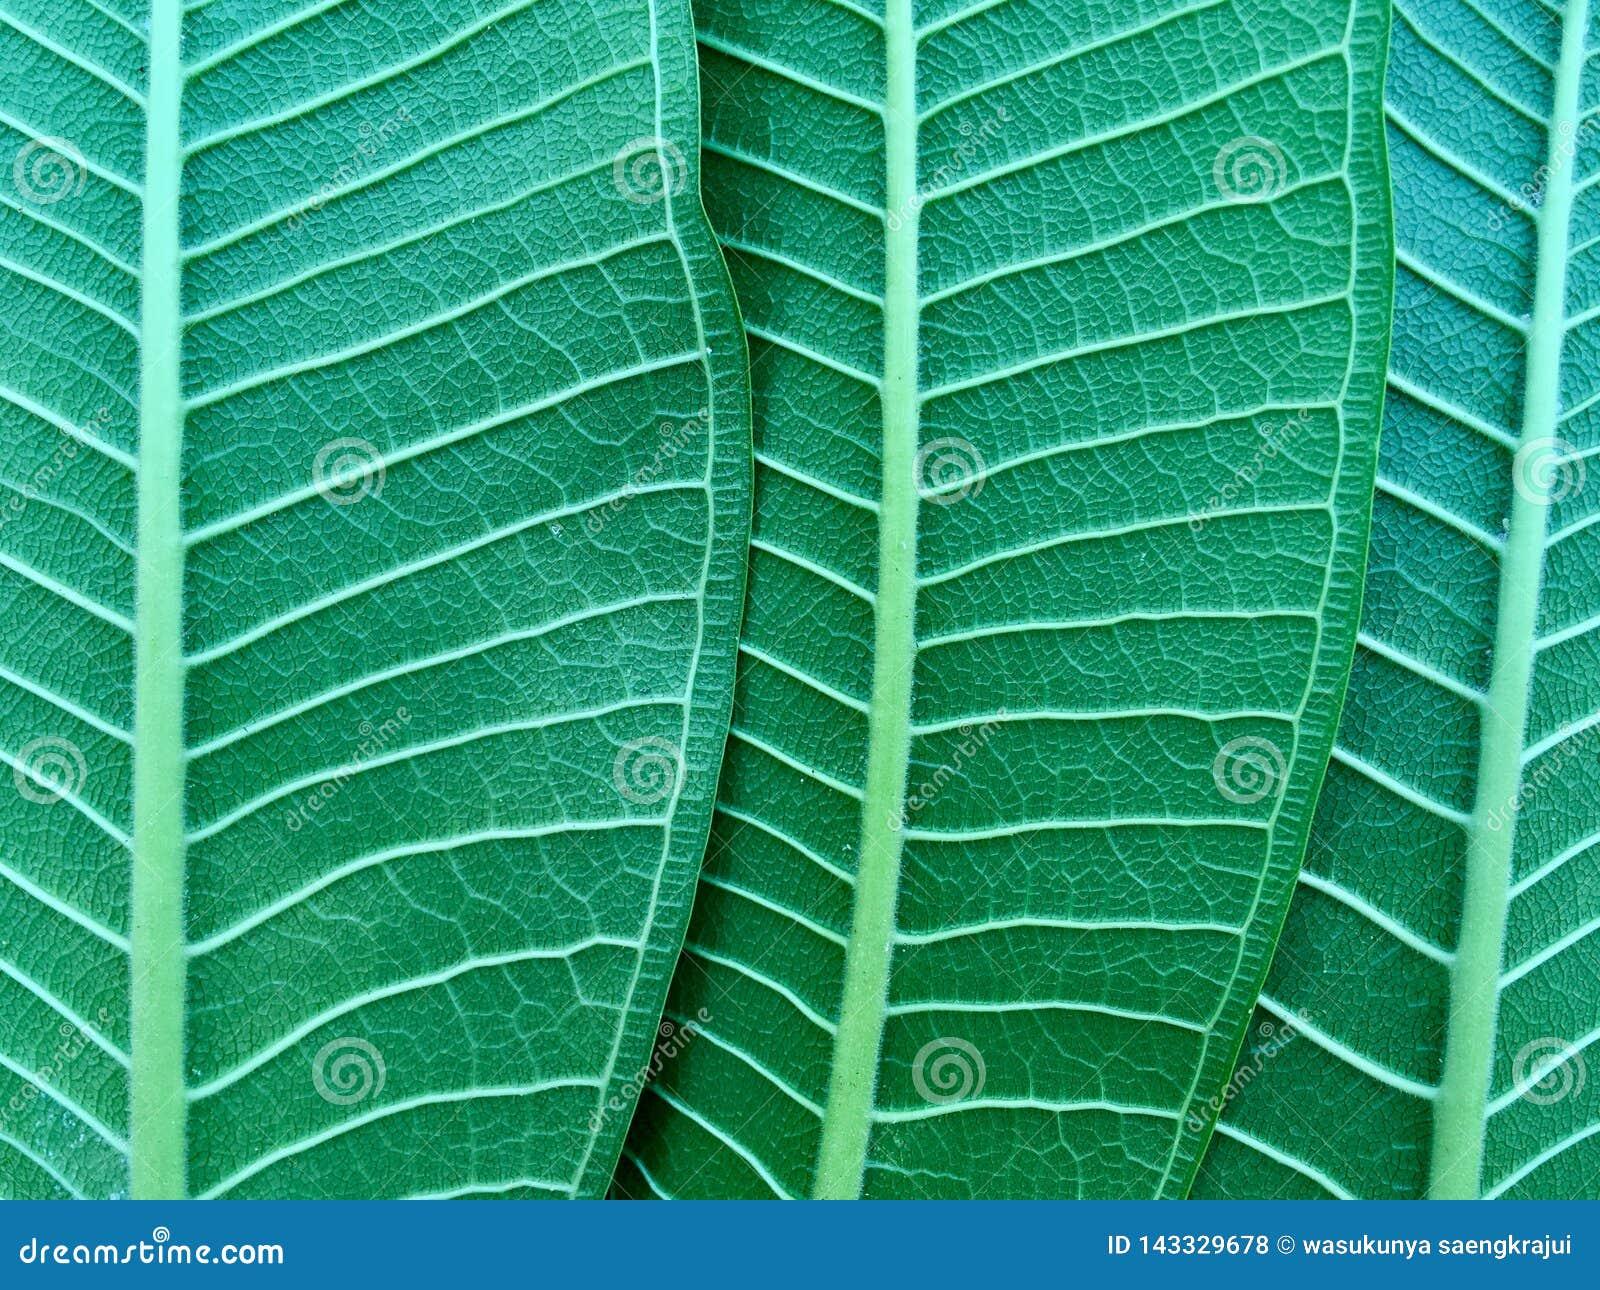 Green låter vara naturligt